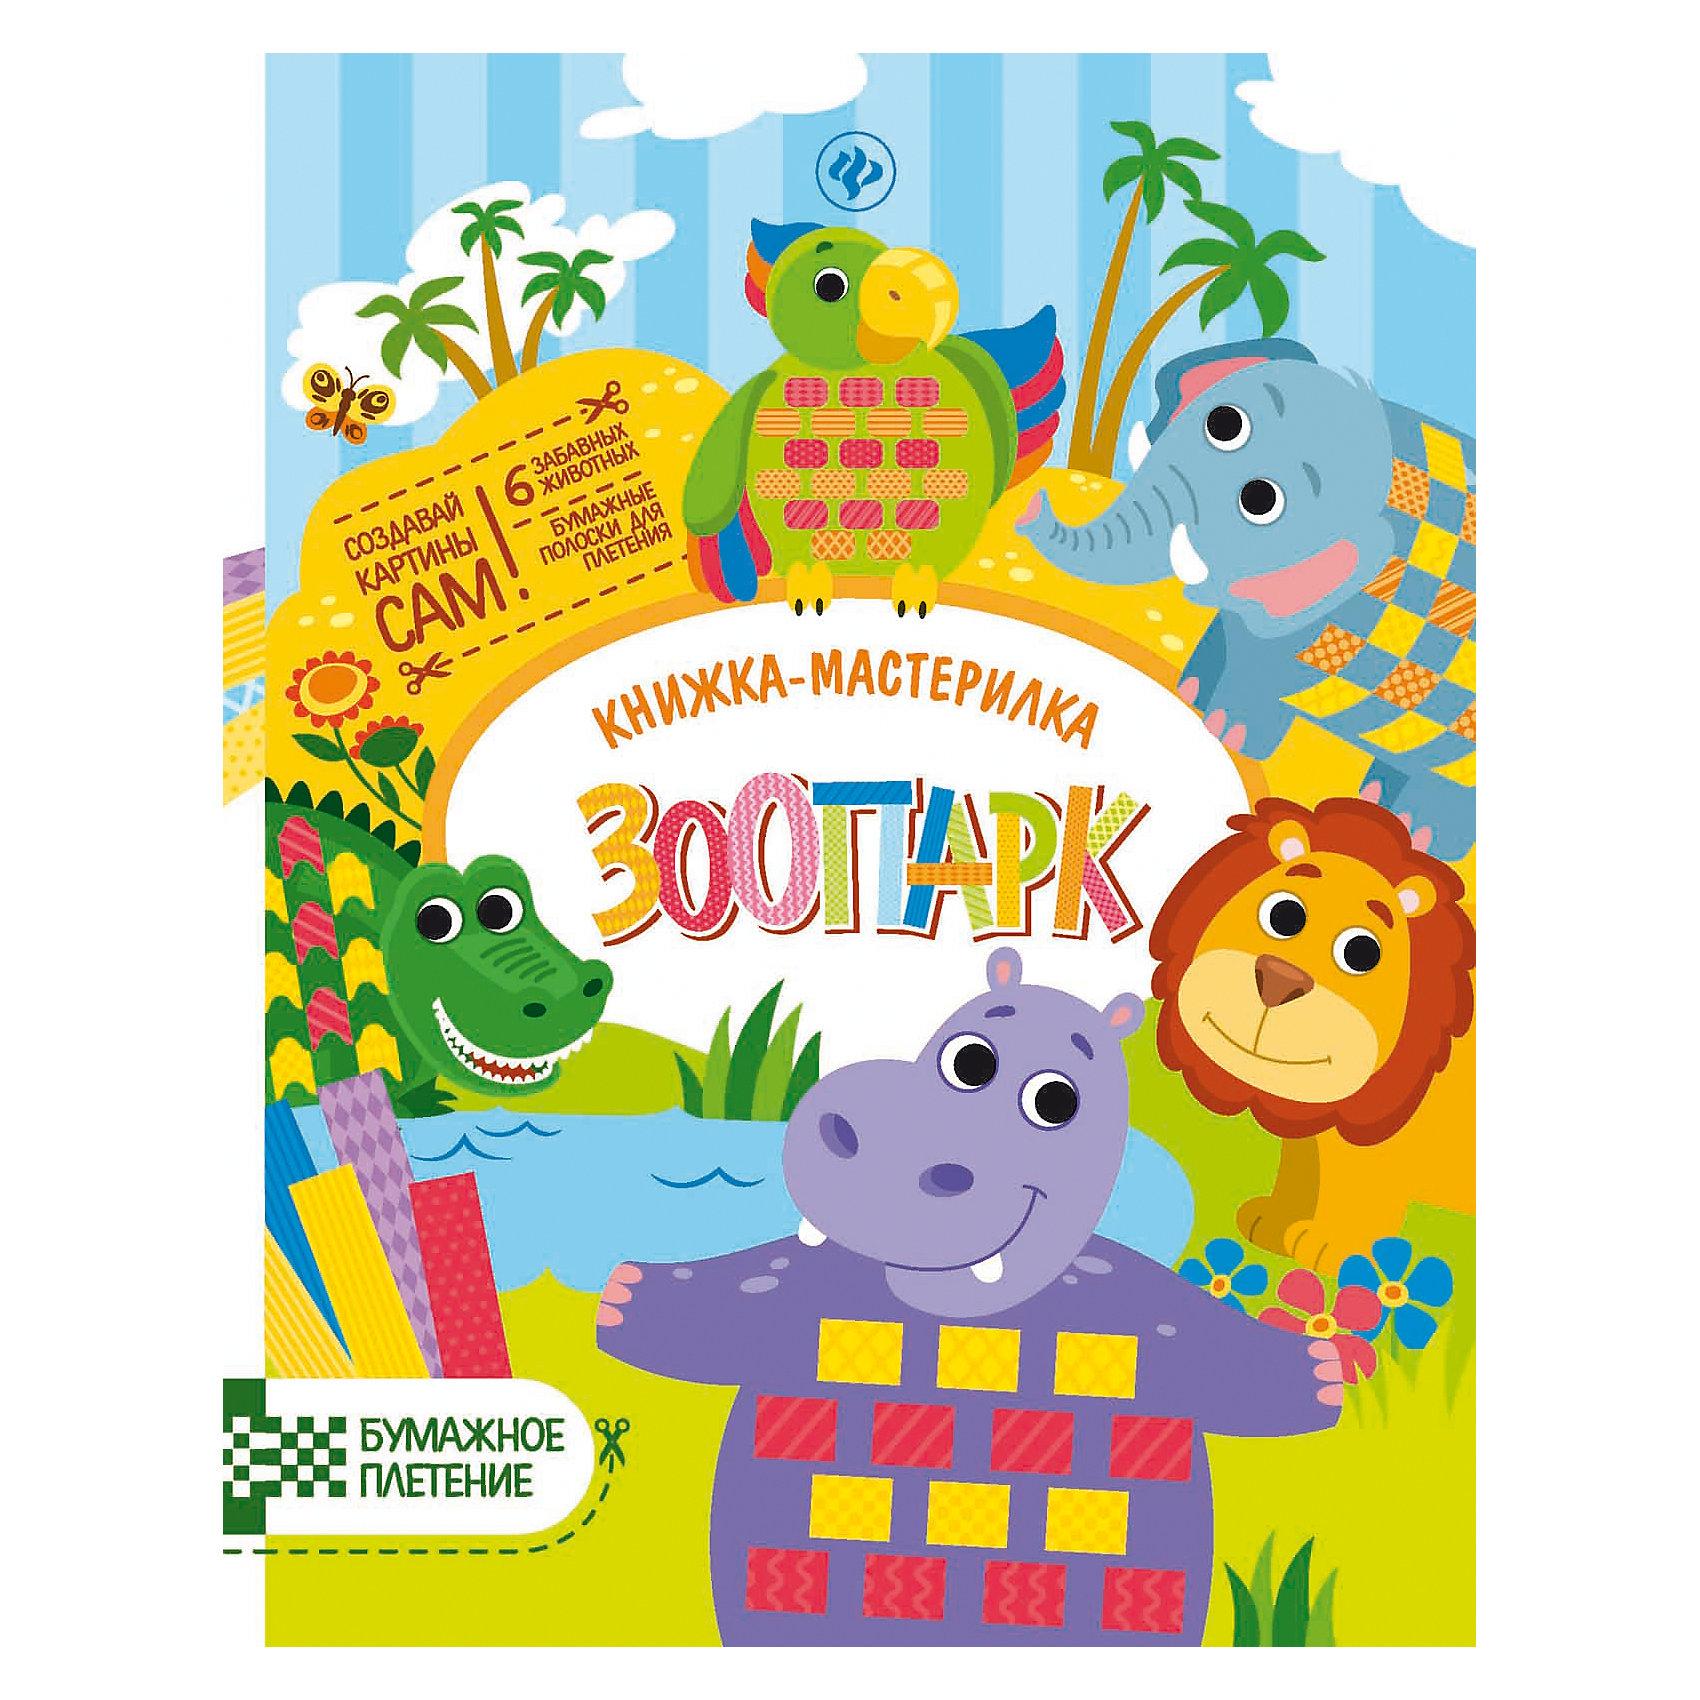 Книга Зоопарк, 2-е изданиеКнига Зоопарк, 2-е издание<br><br>Характеристики: <br><br>• Кол-во страниц: 16<br>• ISBN: 9785222276228<br>• Возраст: 0+<br>• Обложка: мягкая <br>• Формат: а4<br><br>Эта книга будет очень полезна и подарит много радости тем детям, которые любят делать поделки своими руками. Из разноцветных бумажных полосочек из этой книги можно сплести разнообразных животных и сделать необычные картинки в подарок родителям или друзьям. Работа с этой книгой  позволяет развить мелкую моторику и фантазию.<br><br>Книгу Зоопарк, 2-е издание можно купить в нашем интернет-магазине.<br><br>Ширина мм: 260<br>Глубина мм: 199<br>Высота мм: 20<br>Вес г: 70<br>Возраст от месяцев: -2147483648<br>Возраст до месяцев: 2147483647<br>Пол: Унисекс<br>Возраст: Детский<br>SKU: 5464503